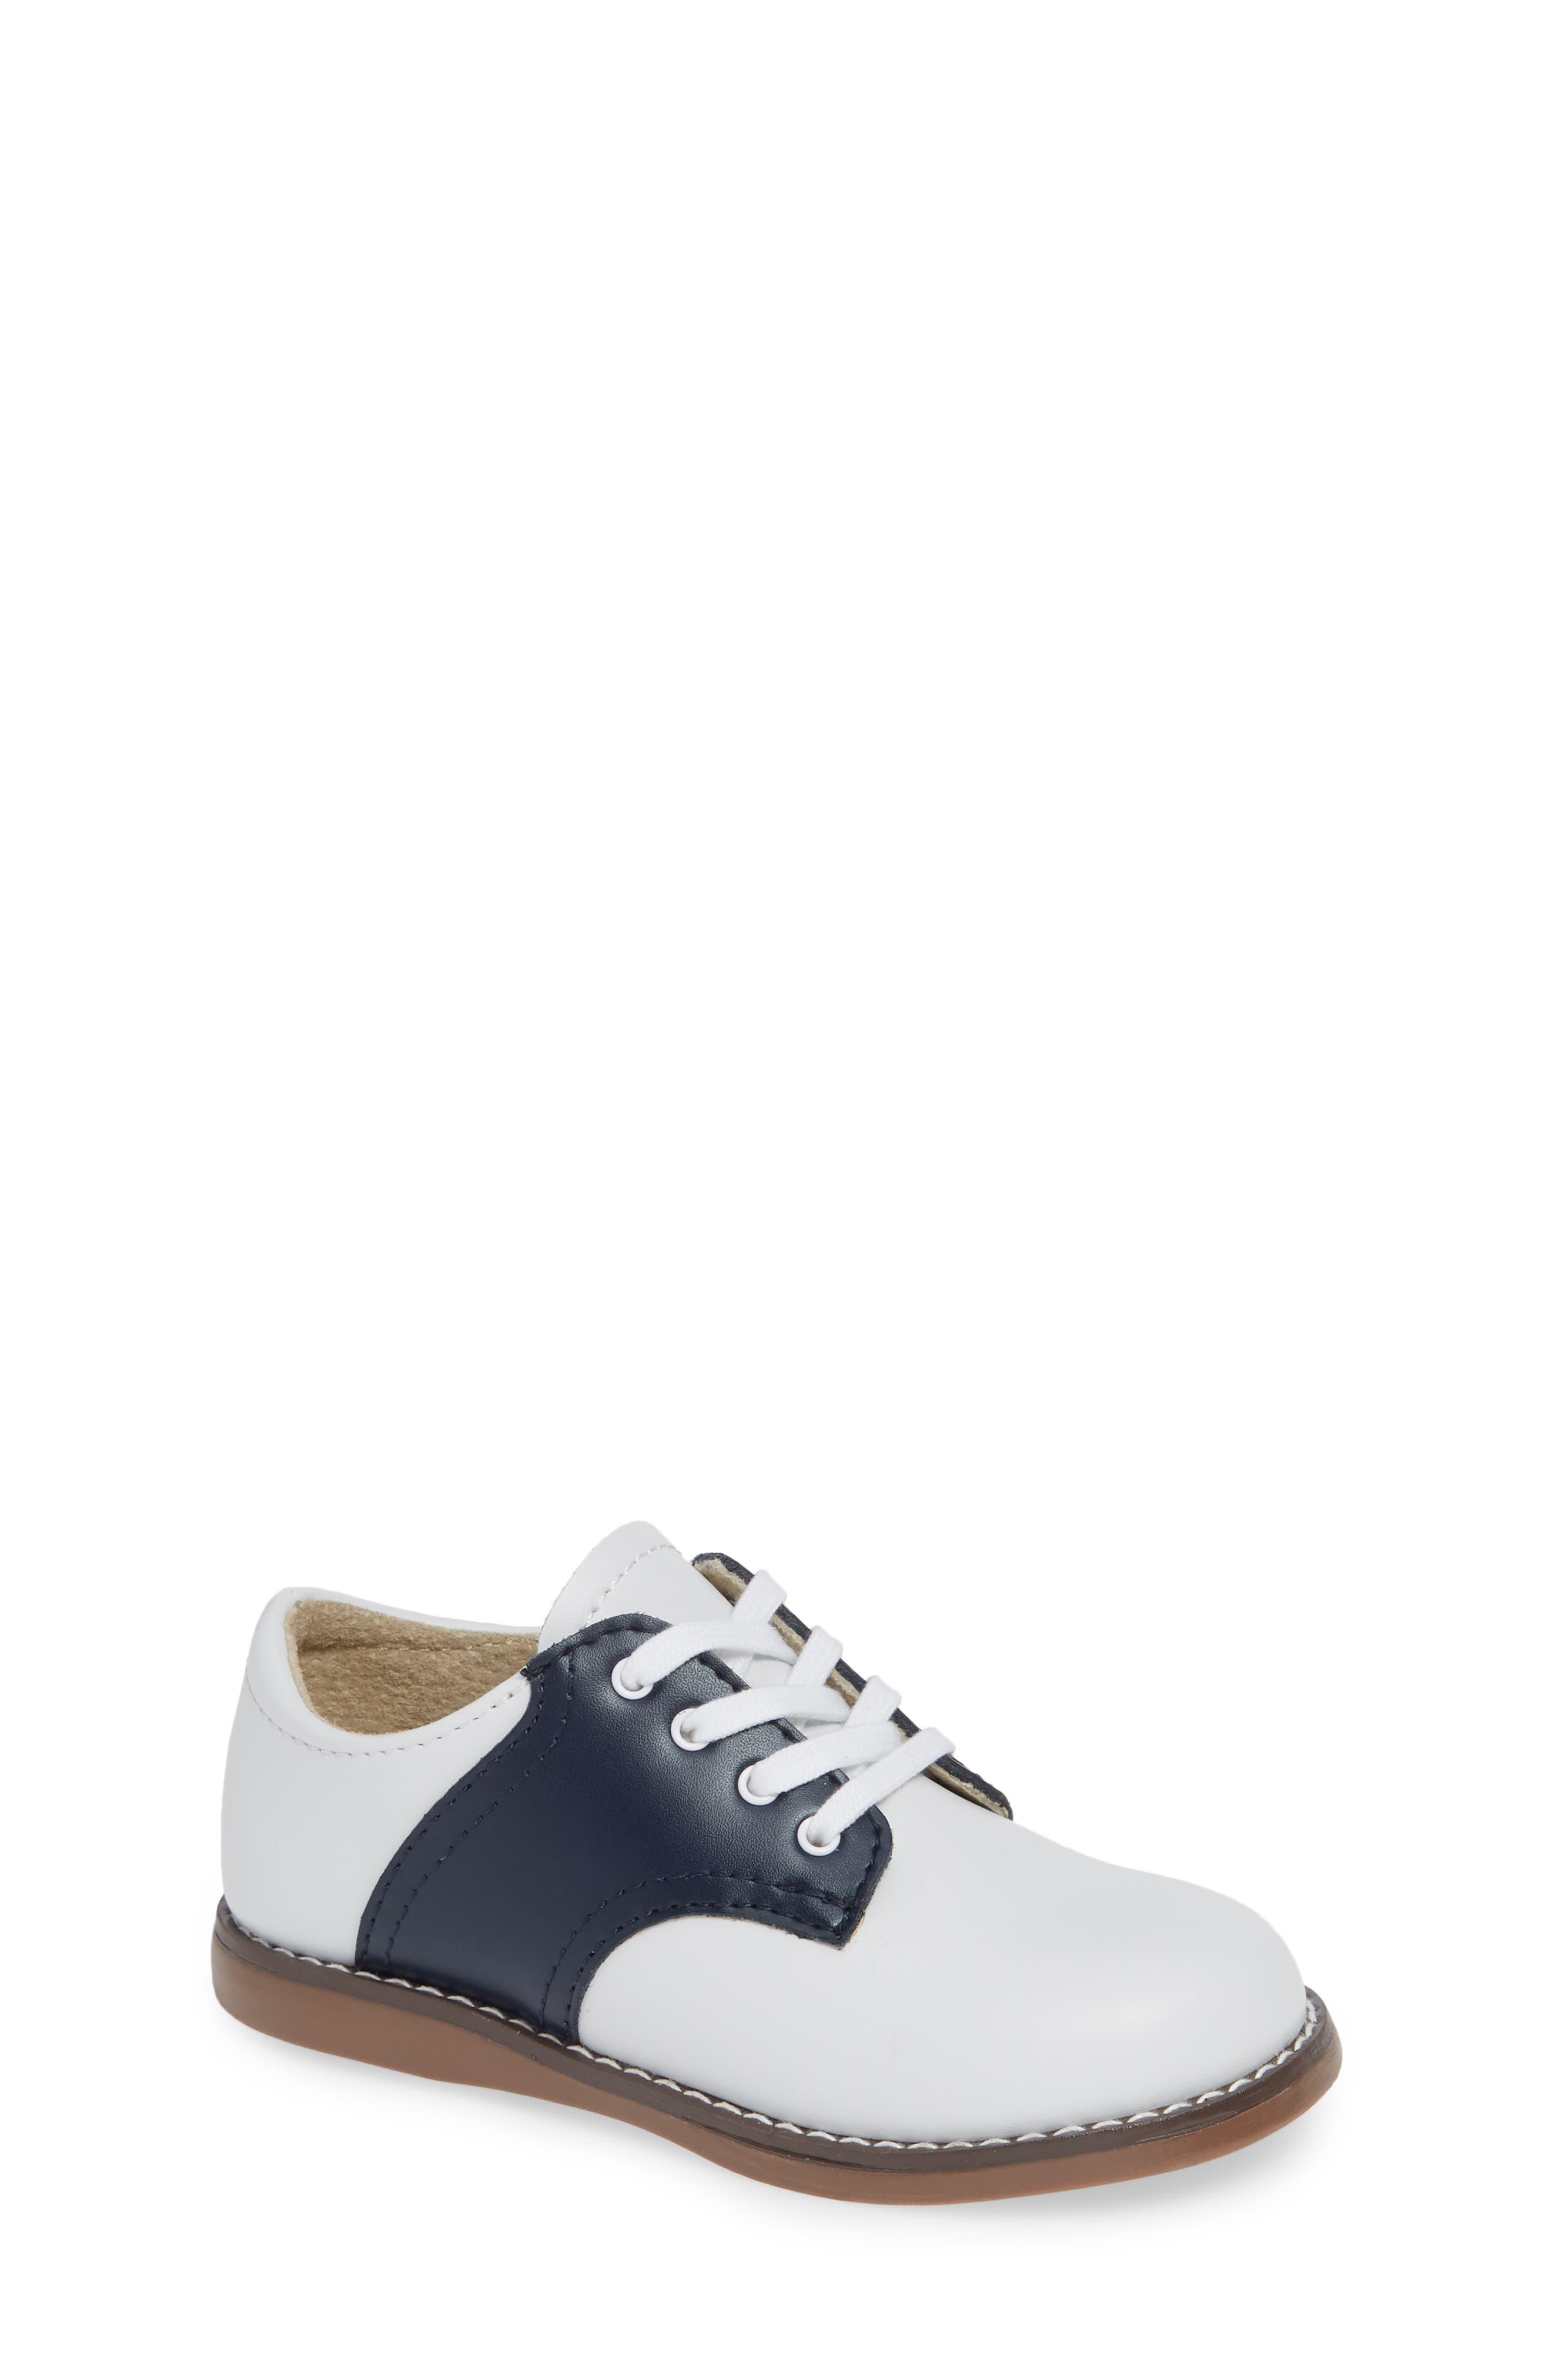 FOOTMATES, Cheer Oxford, Main thumbnail 1, color, WHITE/ NAVY